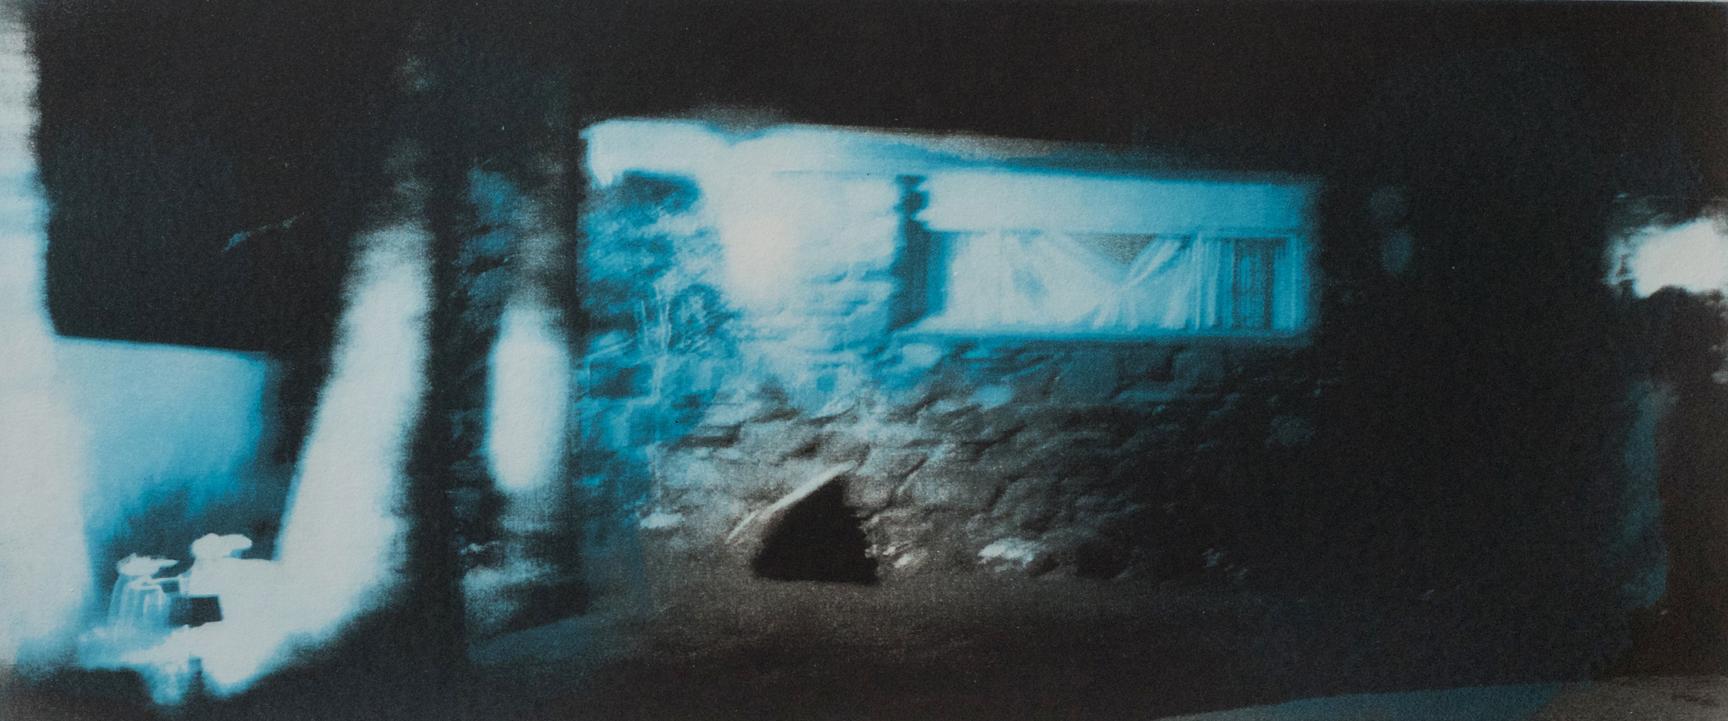 2:45 AM Blue, 2005